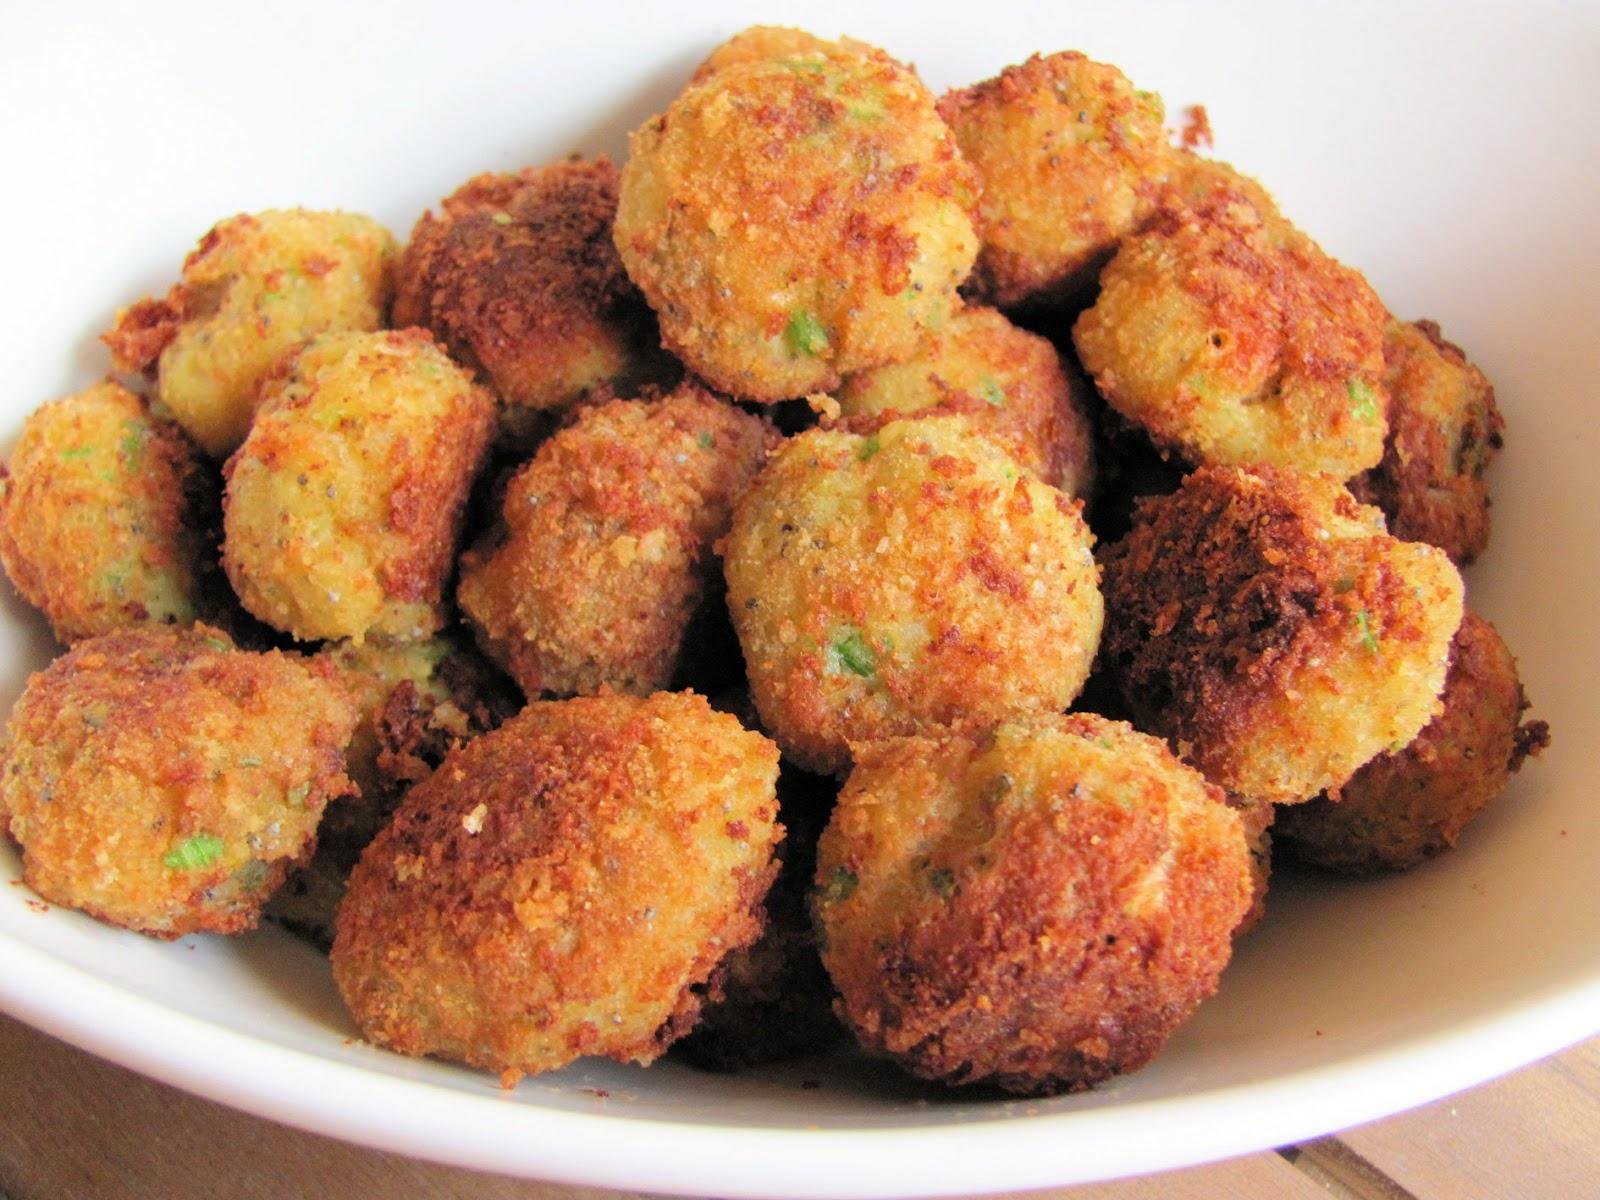 la cucina di pucci: polpettine di gamberi e sedano - Cucinare Qualcosa Di Veloce